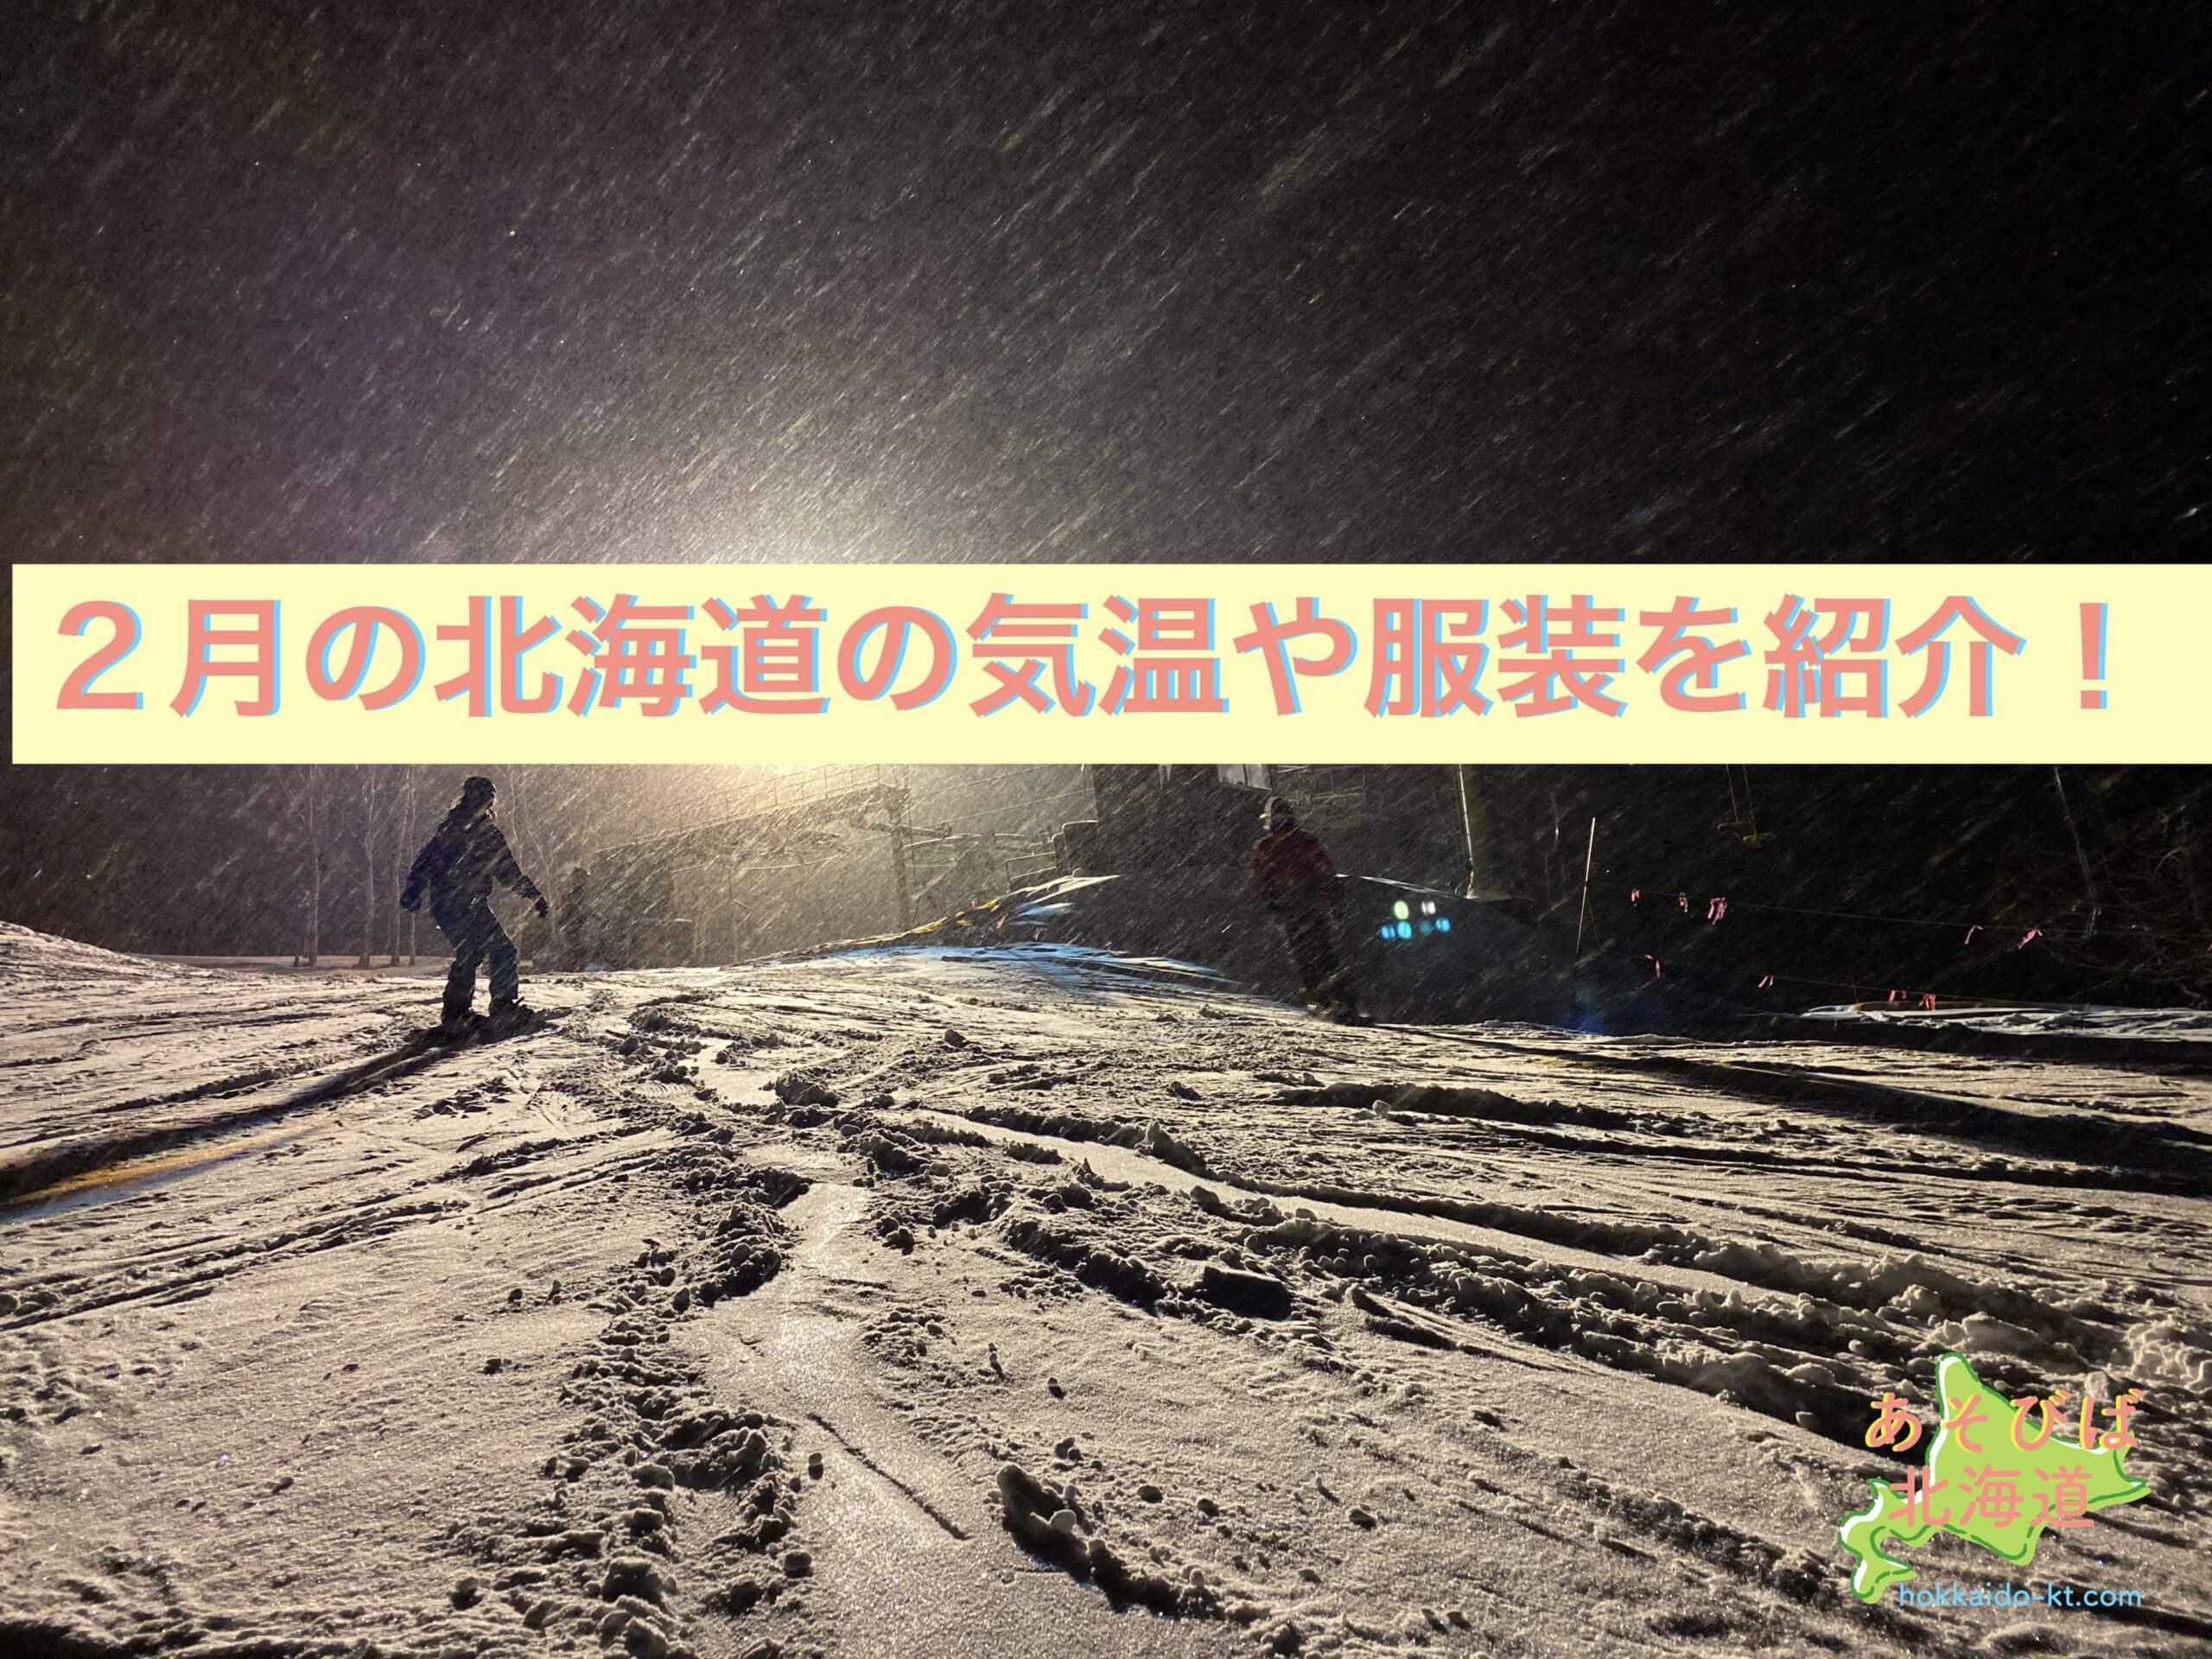 2月の北海道の気温や服装を紹介